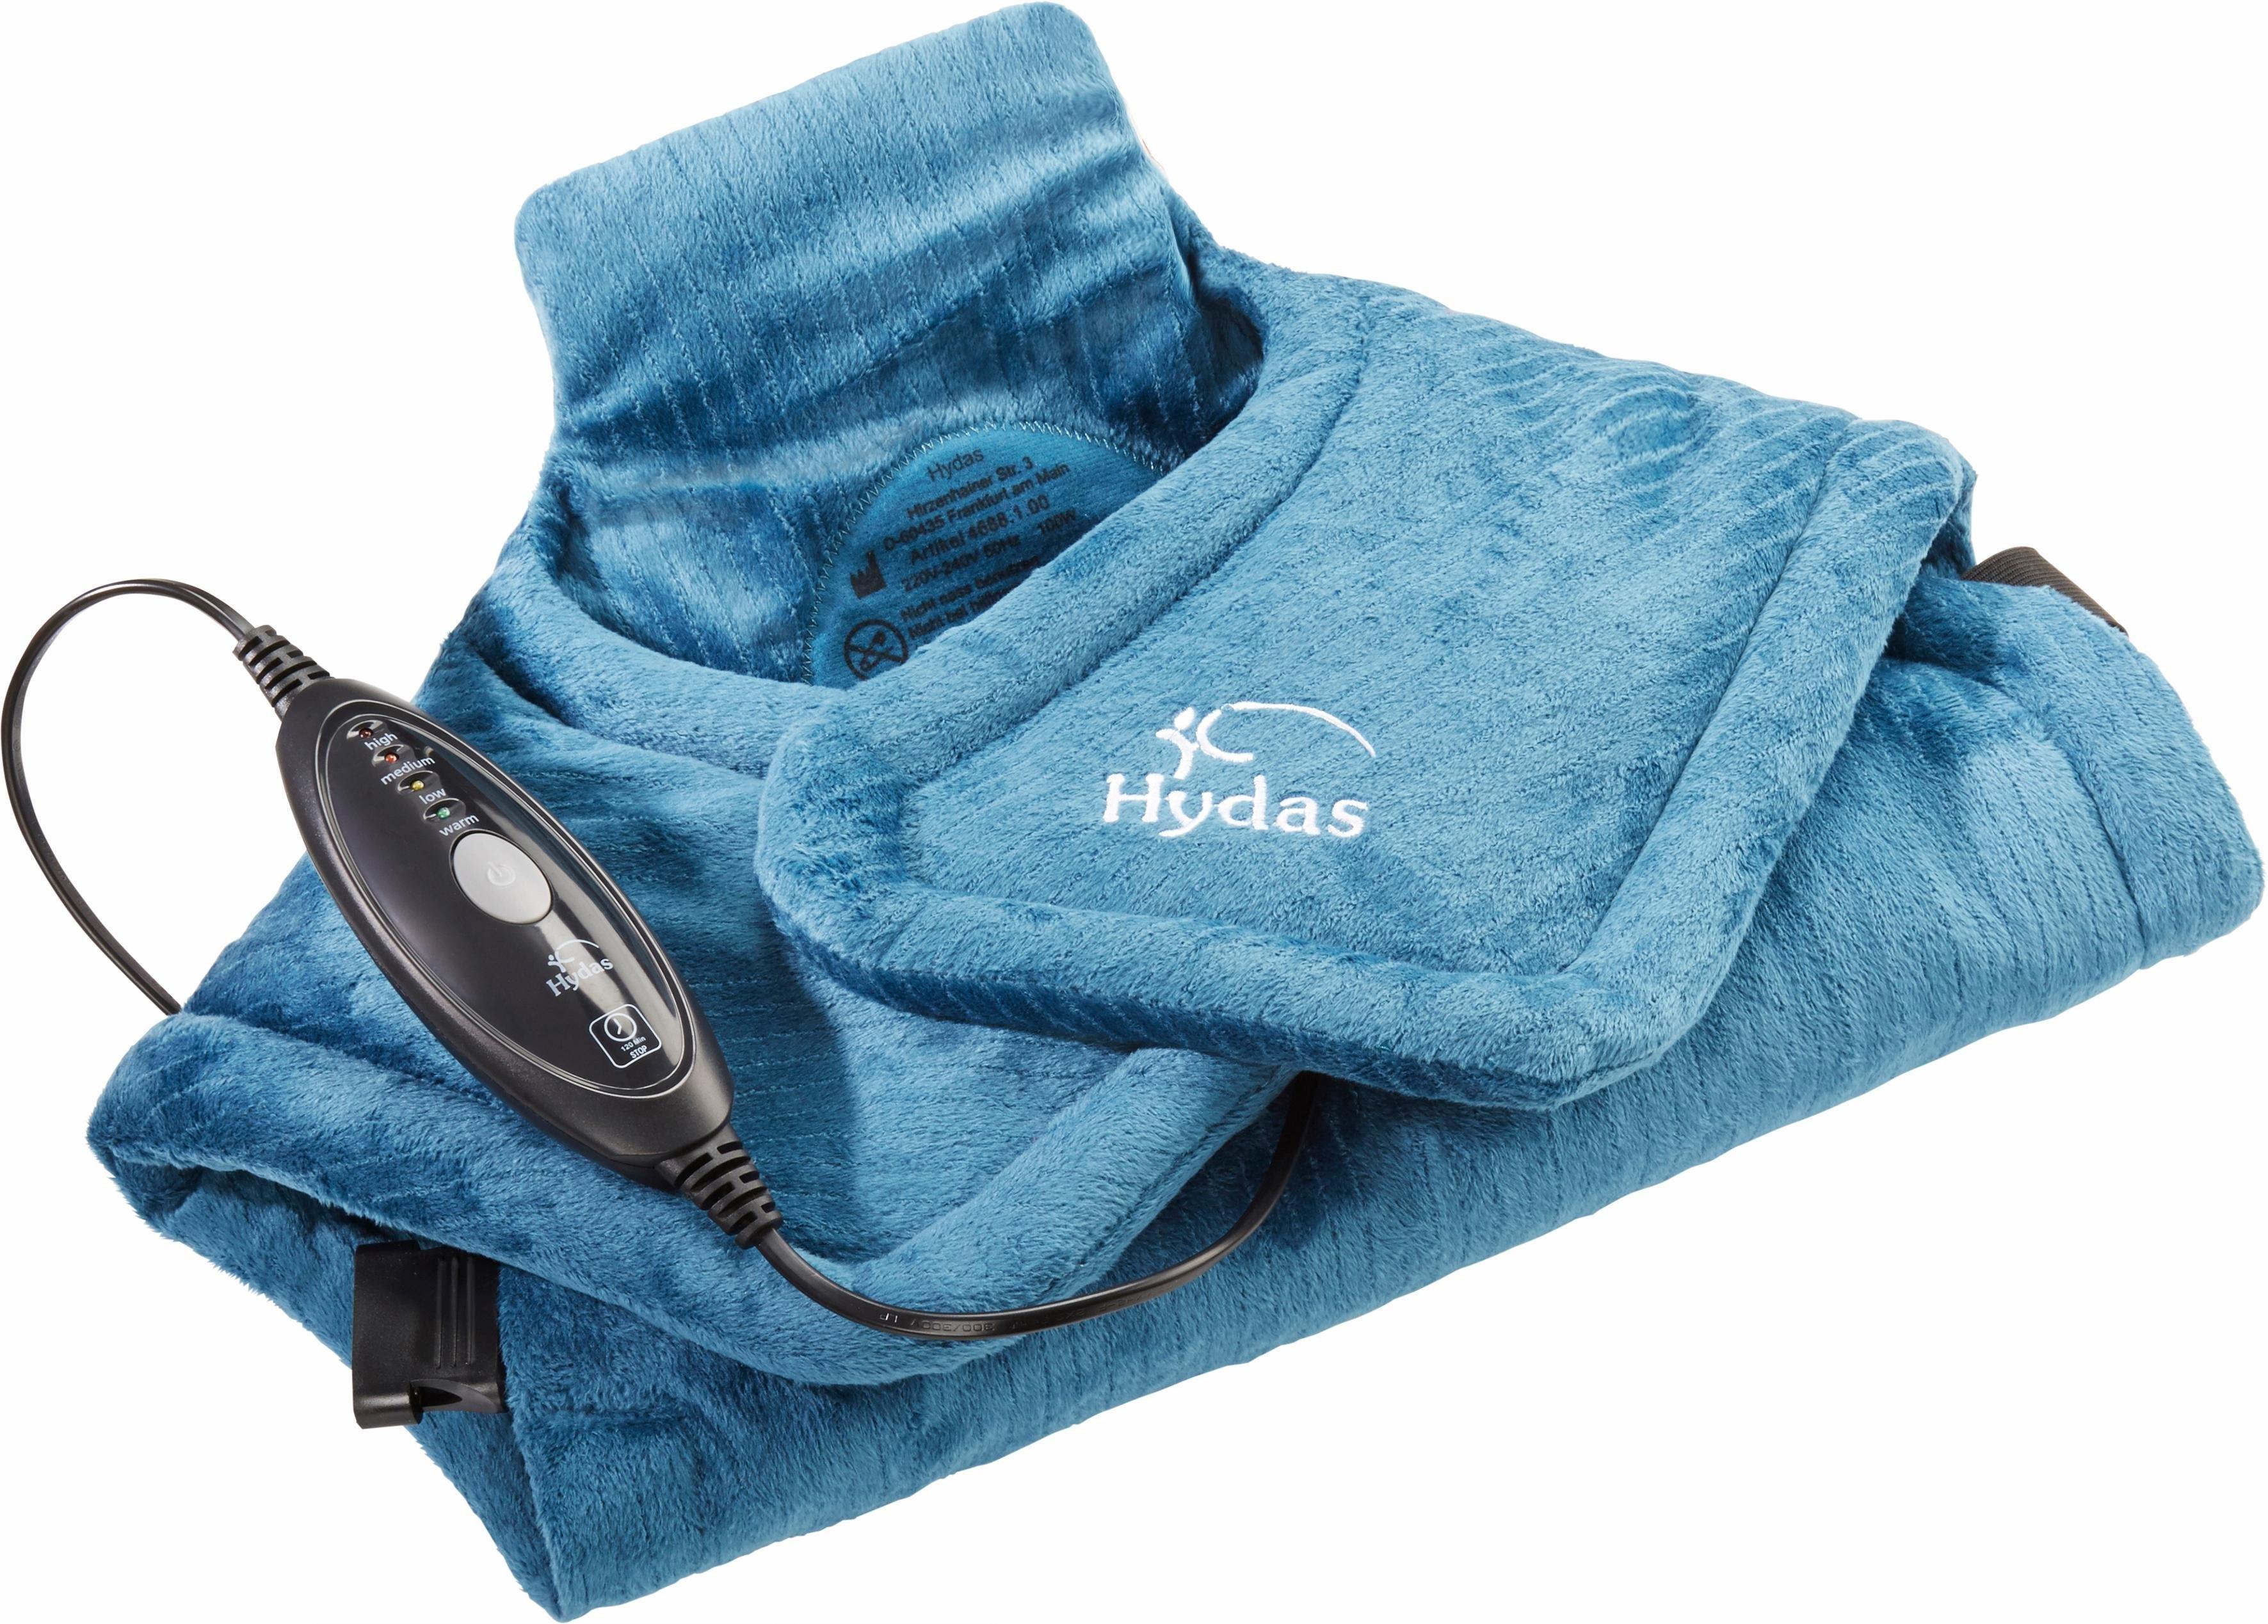 Hydas nek-/schouder-/rug-verwarmingskussen 4688.1.00, extra lang voordelig en veilig online kopen